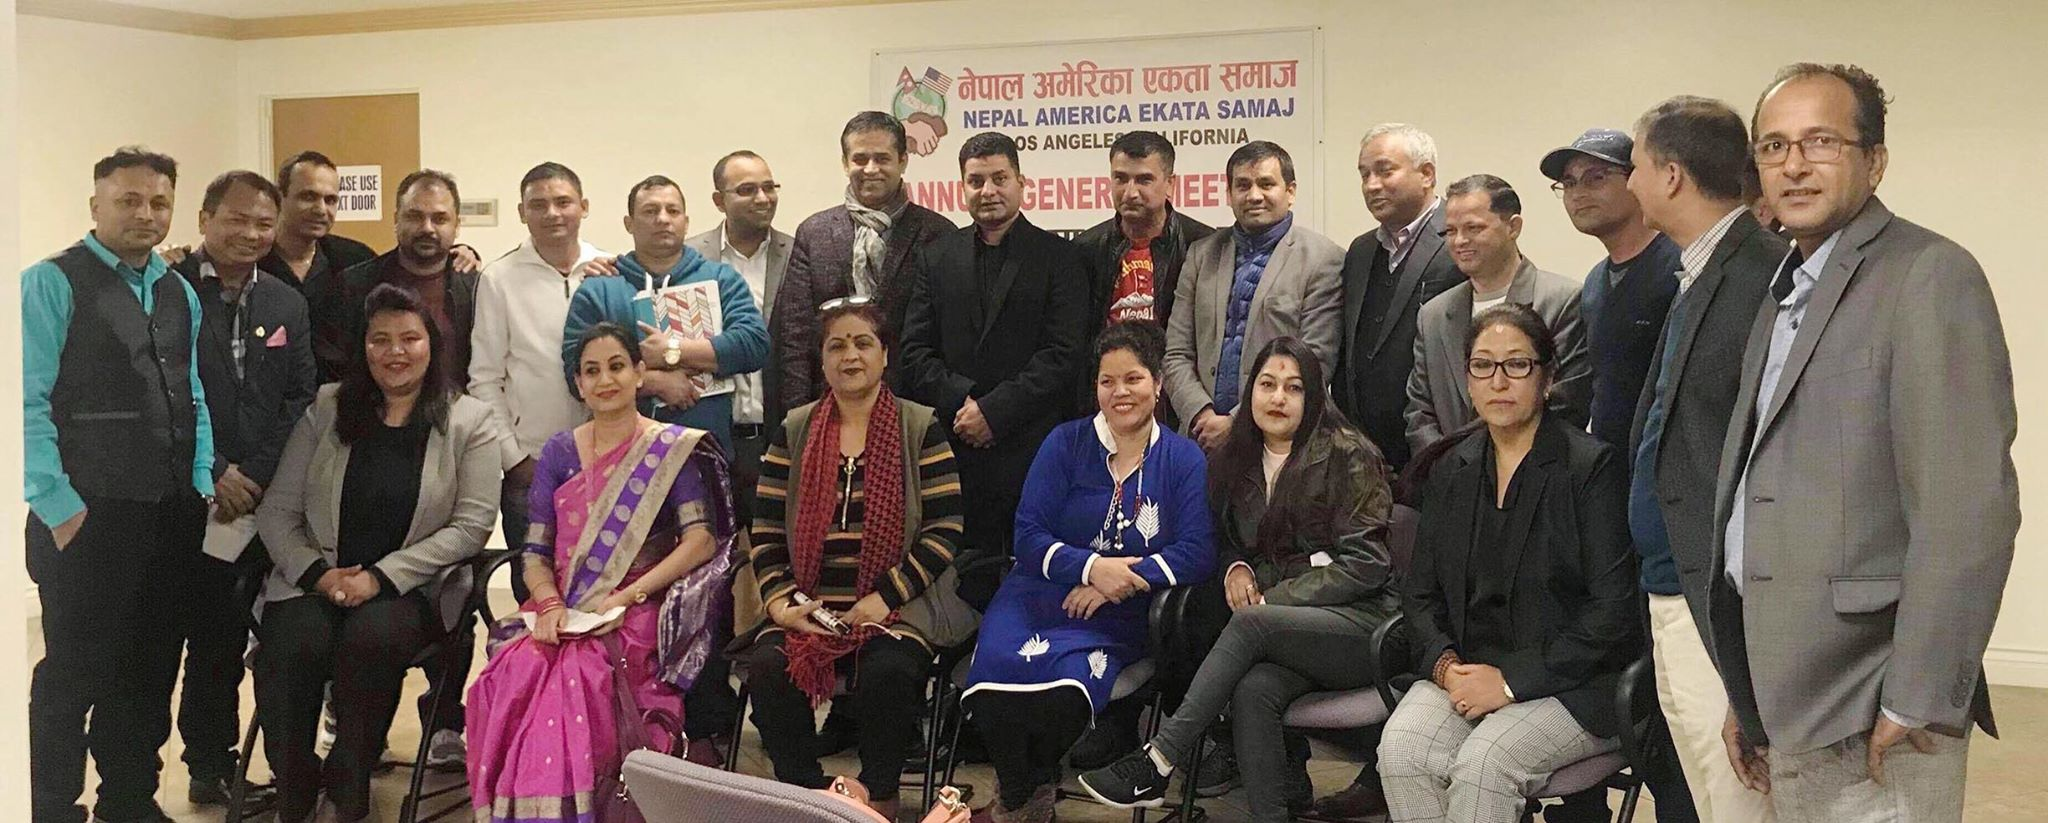 नेपाल अमेरिका एकता समाजको सातौं बार्षिक साधारणसभा सम्पन्न